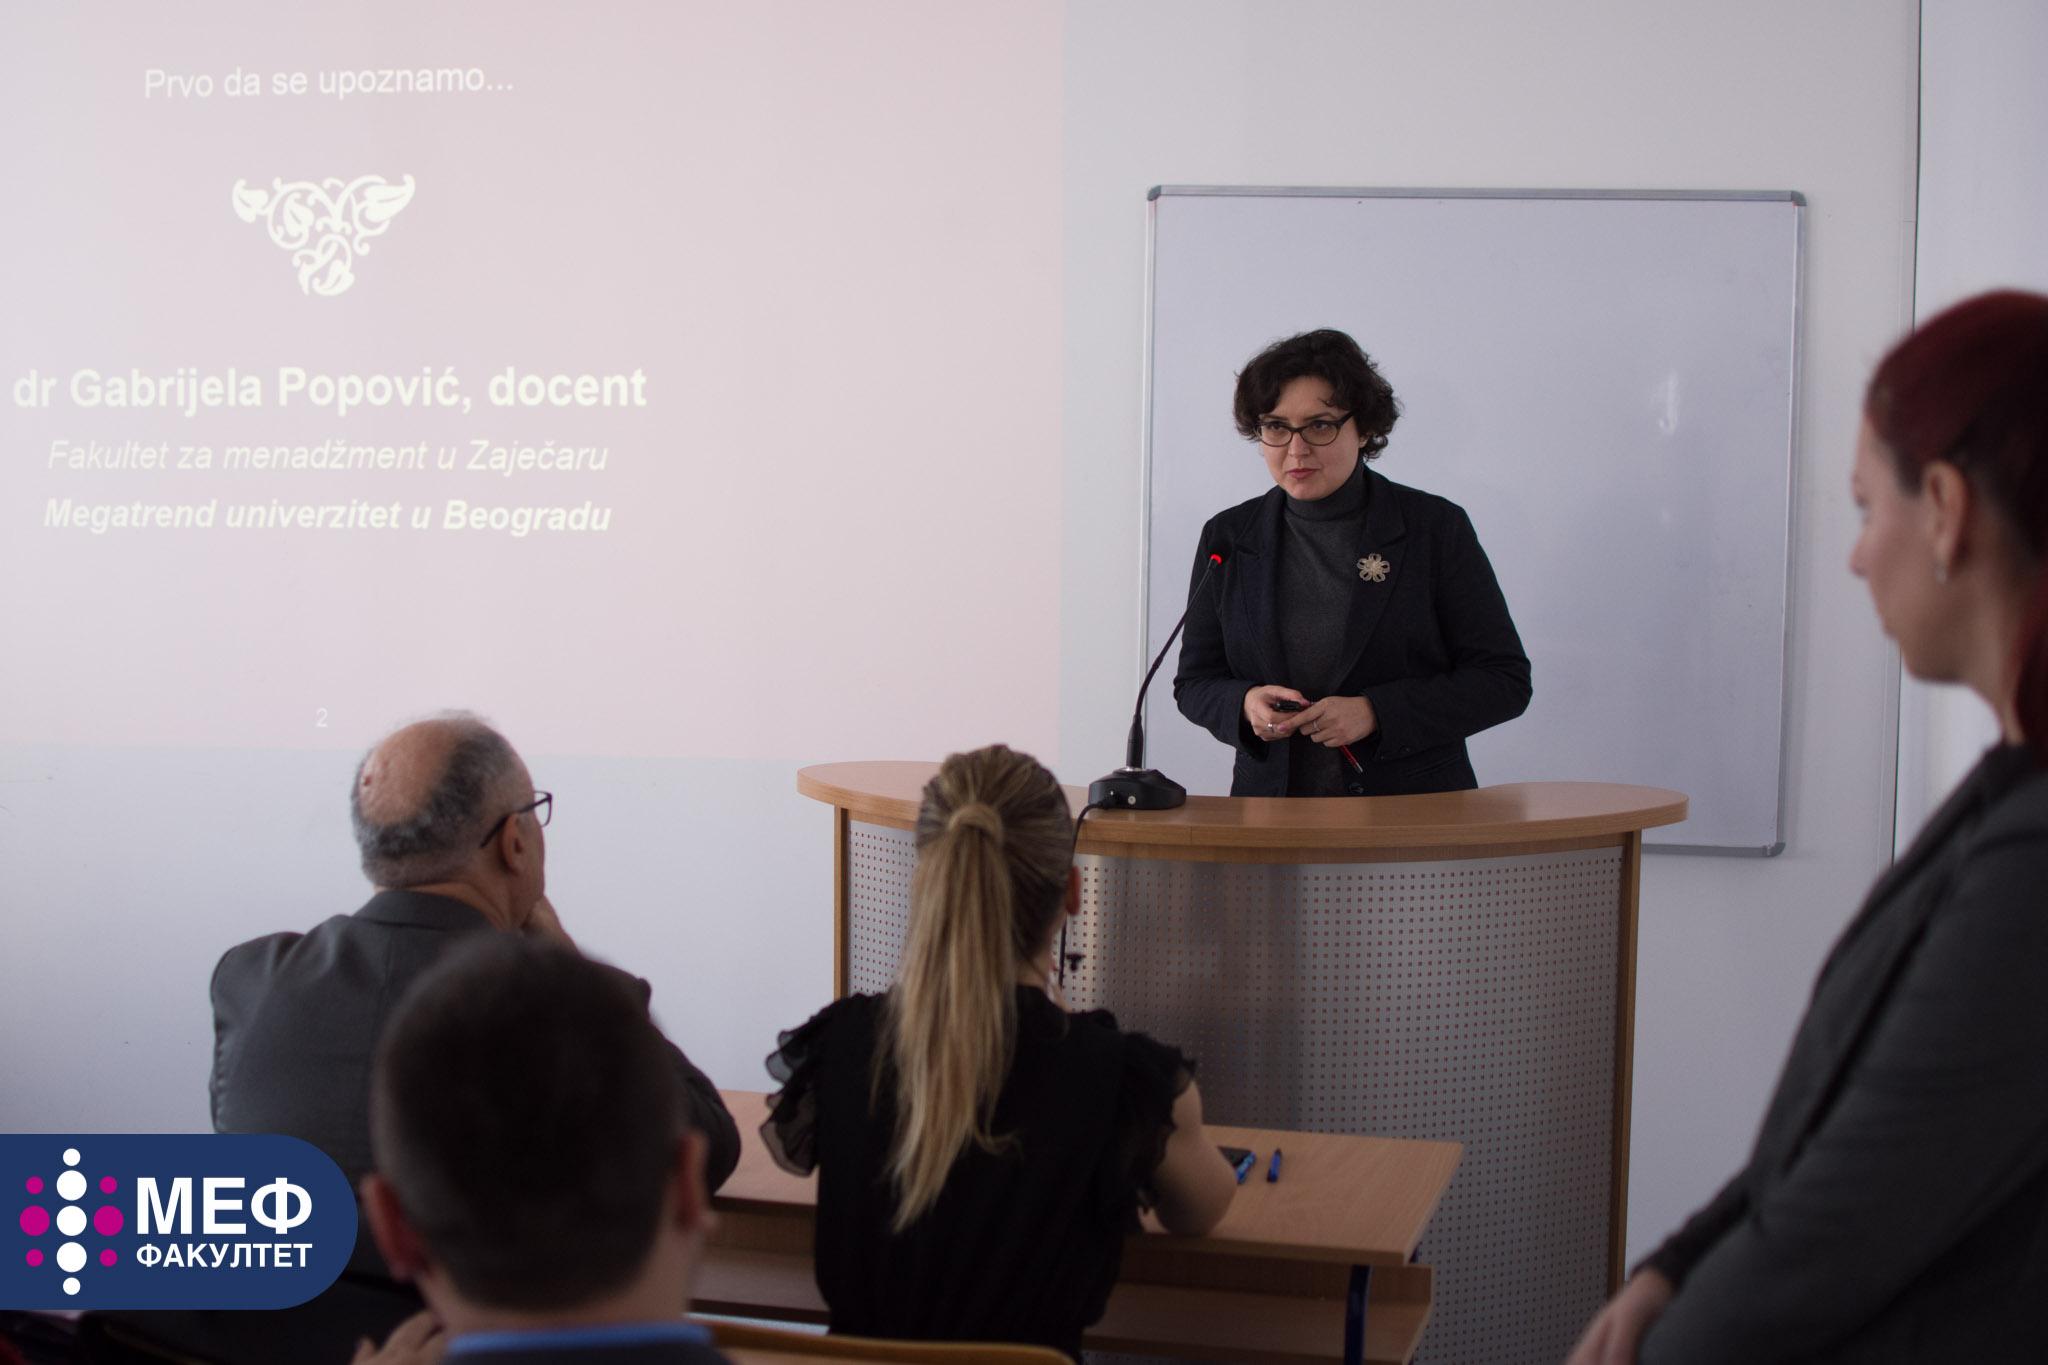 MEF Fakultet - izvestaj sa konferencije 14